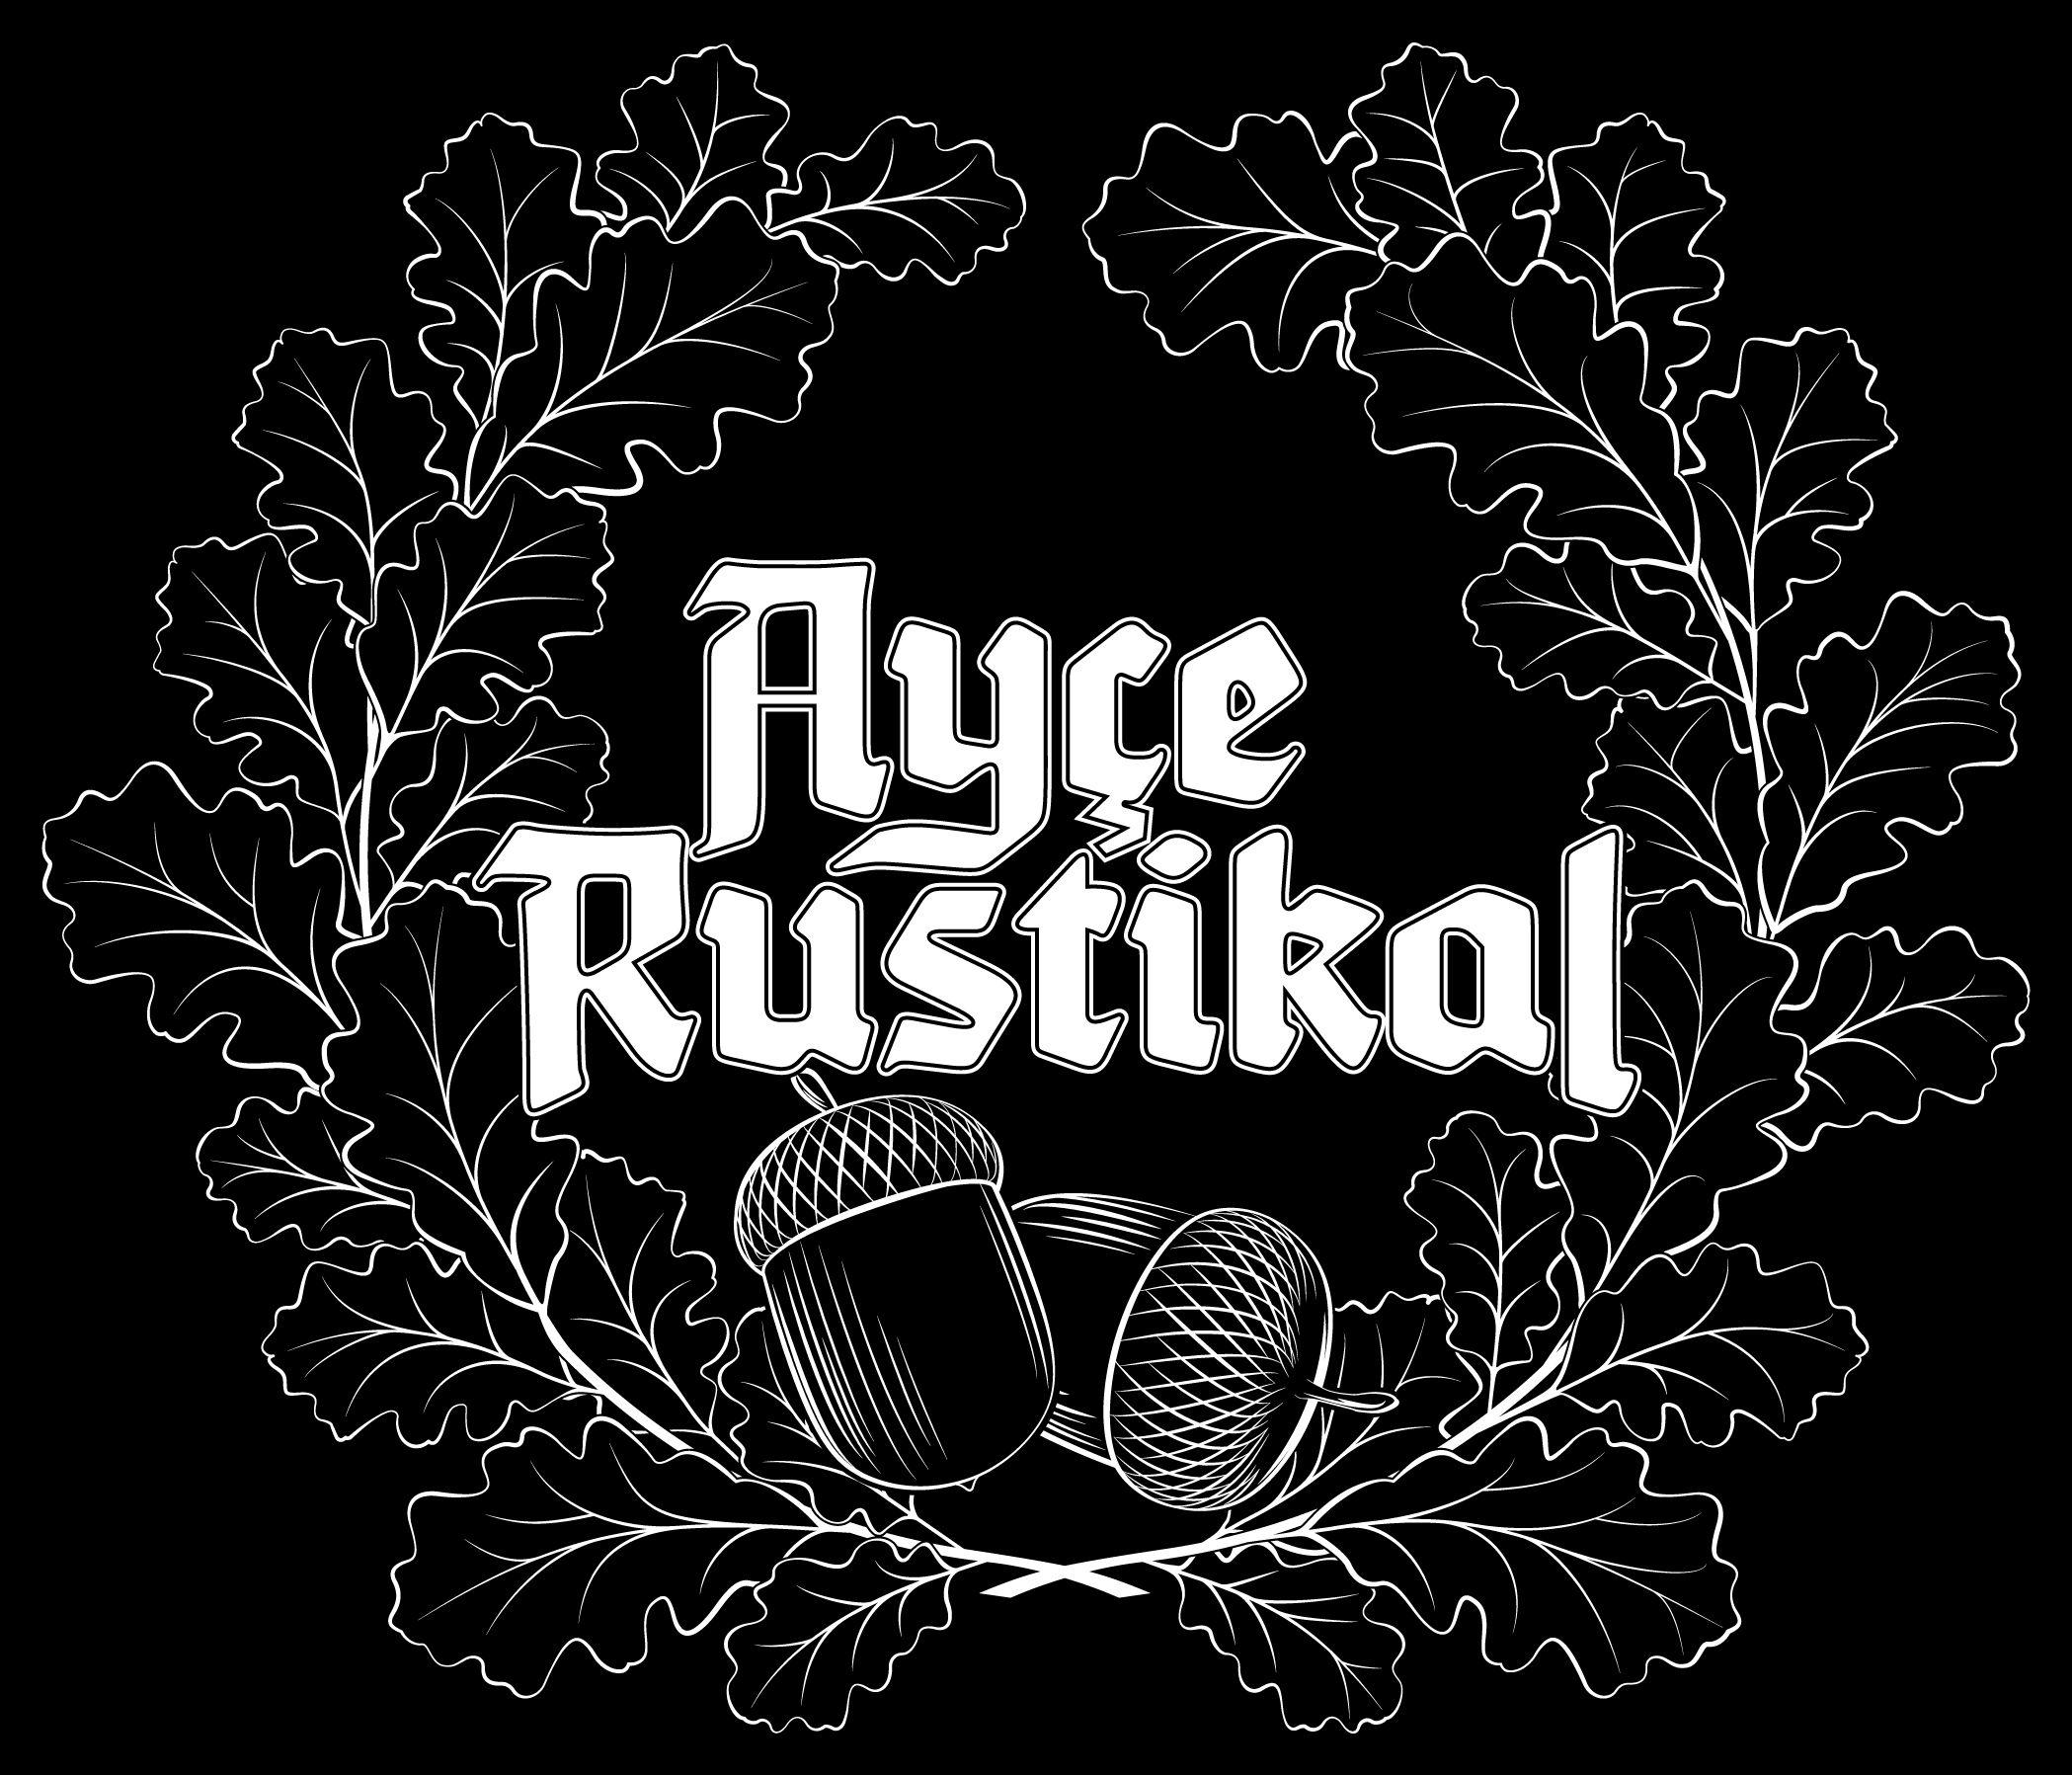 Pussy Riot meets Fascho-Fashion. Egal ob Du nun selbst Ayçe heißt, aus deutsch-türkischem Eichenholz geschnitzt bist oder einfach nur eine Vorliebe für provokativen Chic besitzt: Das hier ist für Disch, vallah!